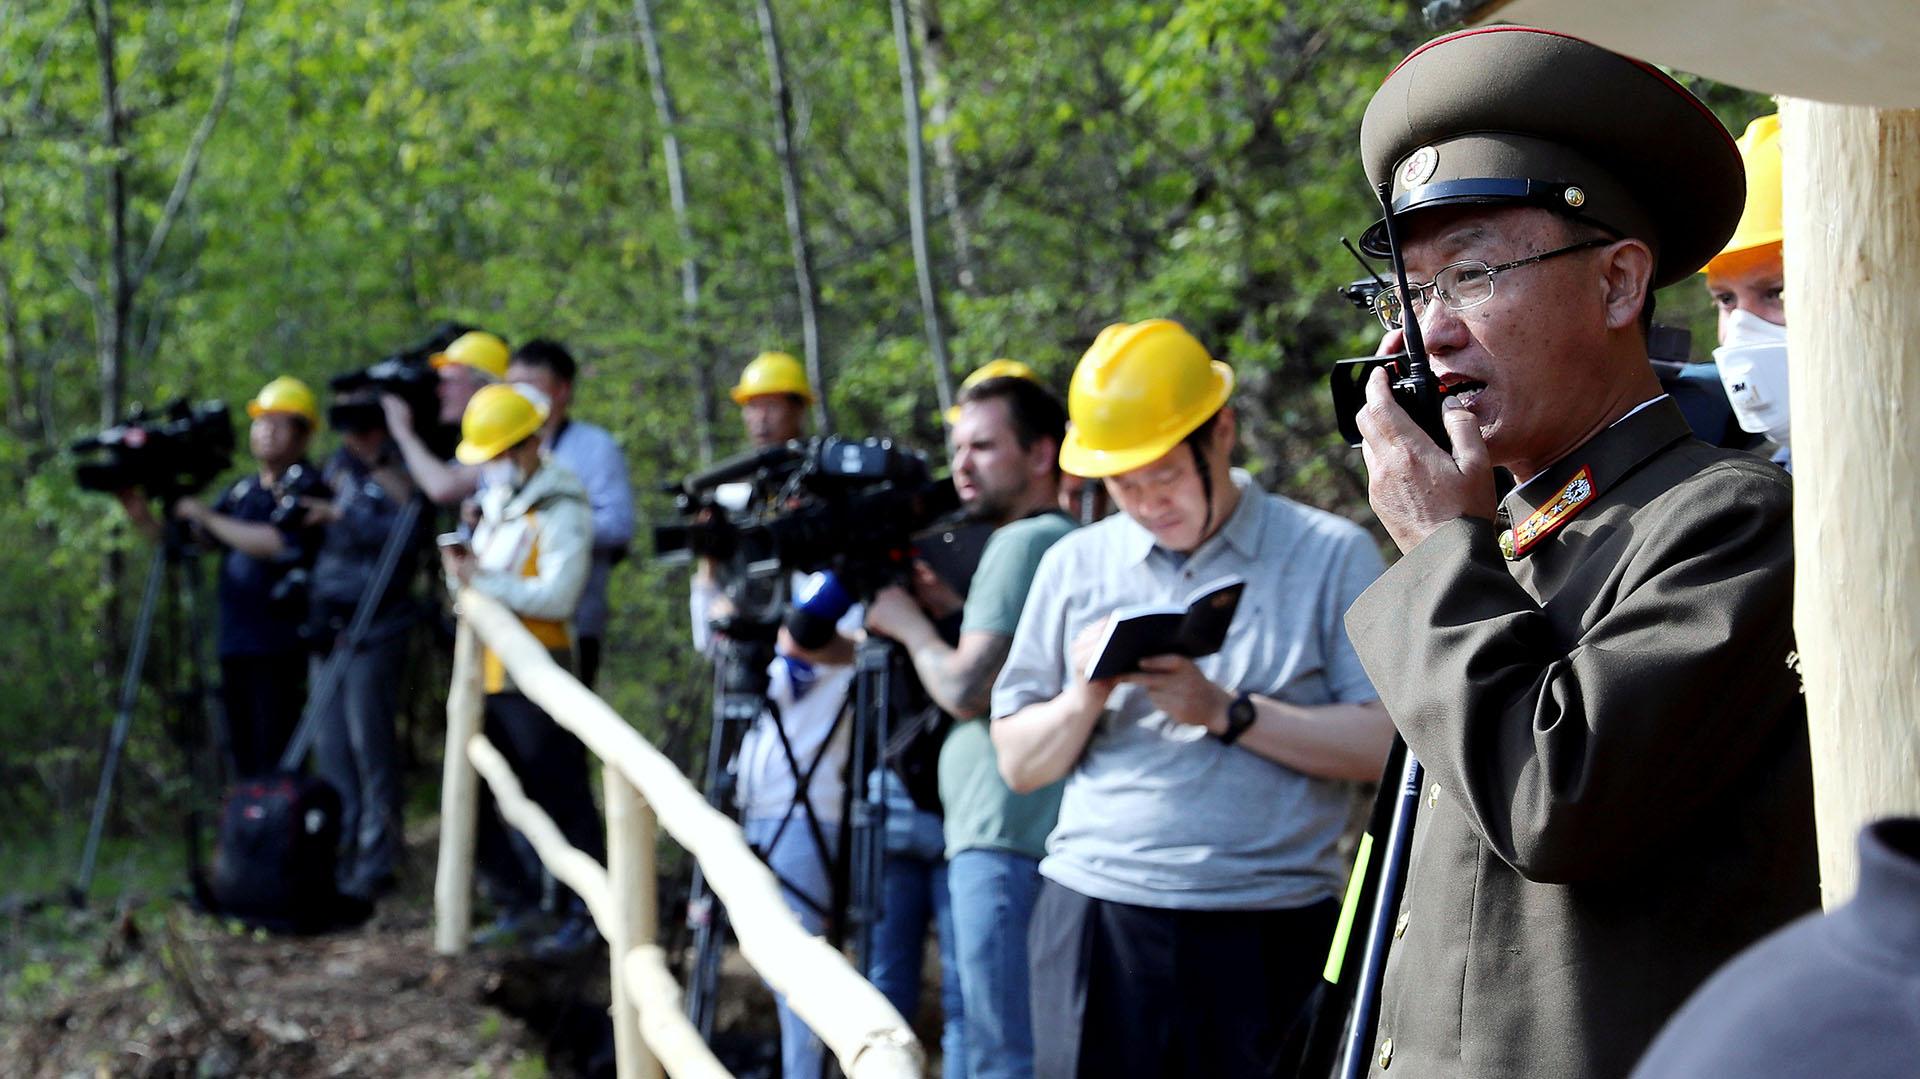 Un oficial del Instituto de Armas Nucleares de Corea del Norte se comunica con un operador para detonar uno de los túneles. La dictadura de Kim Jong-un no ofreció datos sobre los militares que formaron parte de los operativos (Reuters)